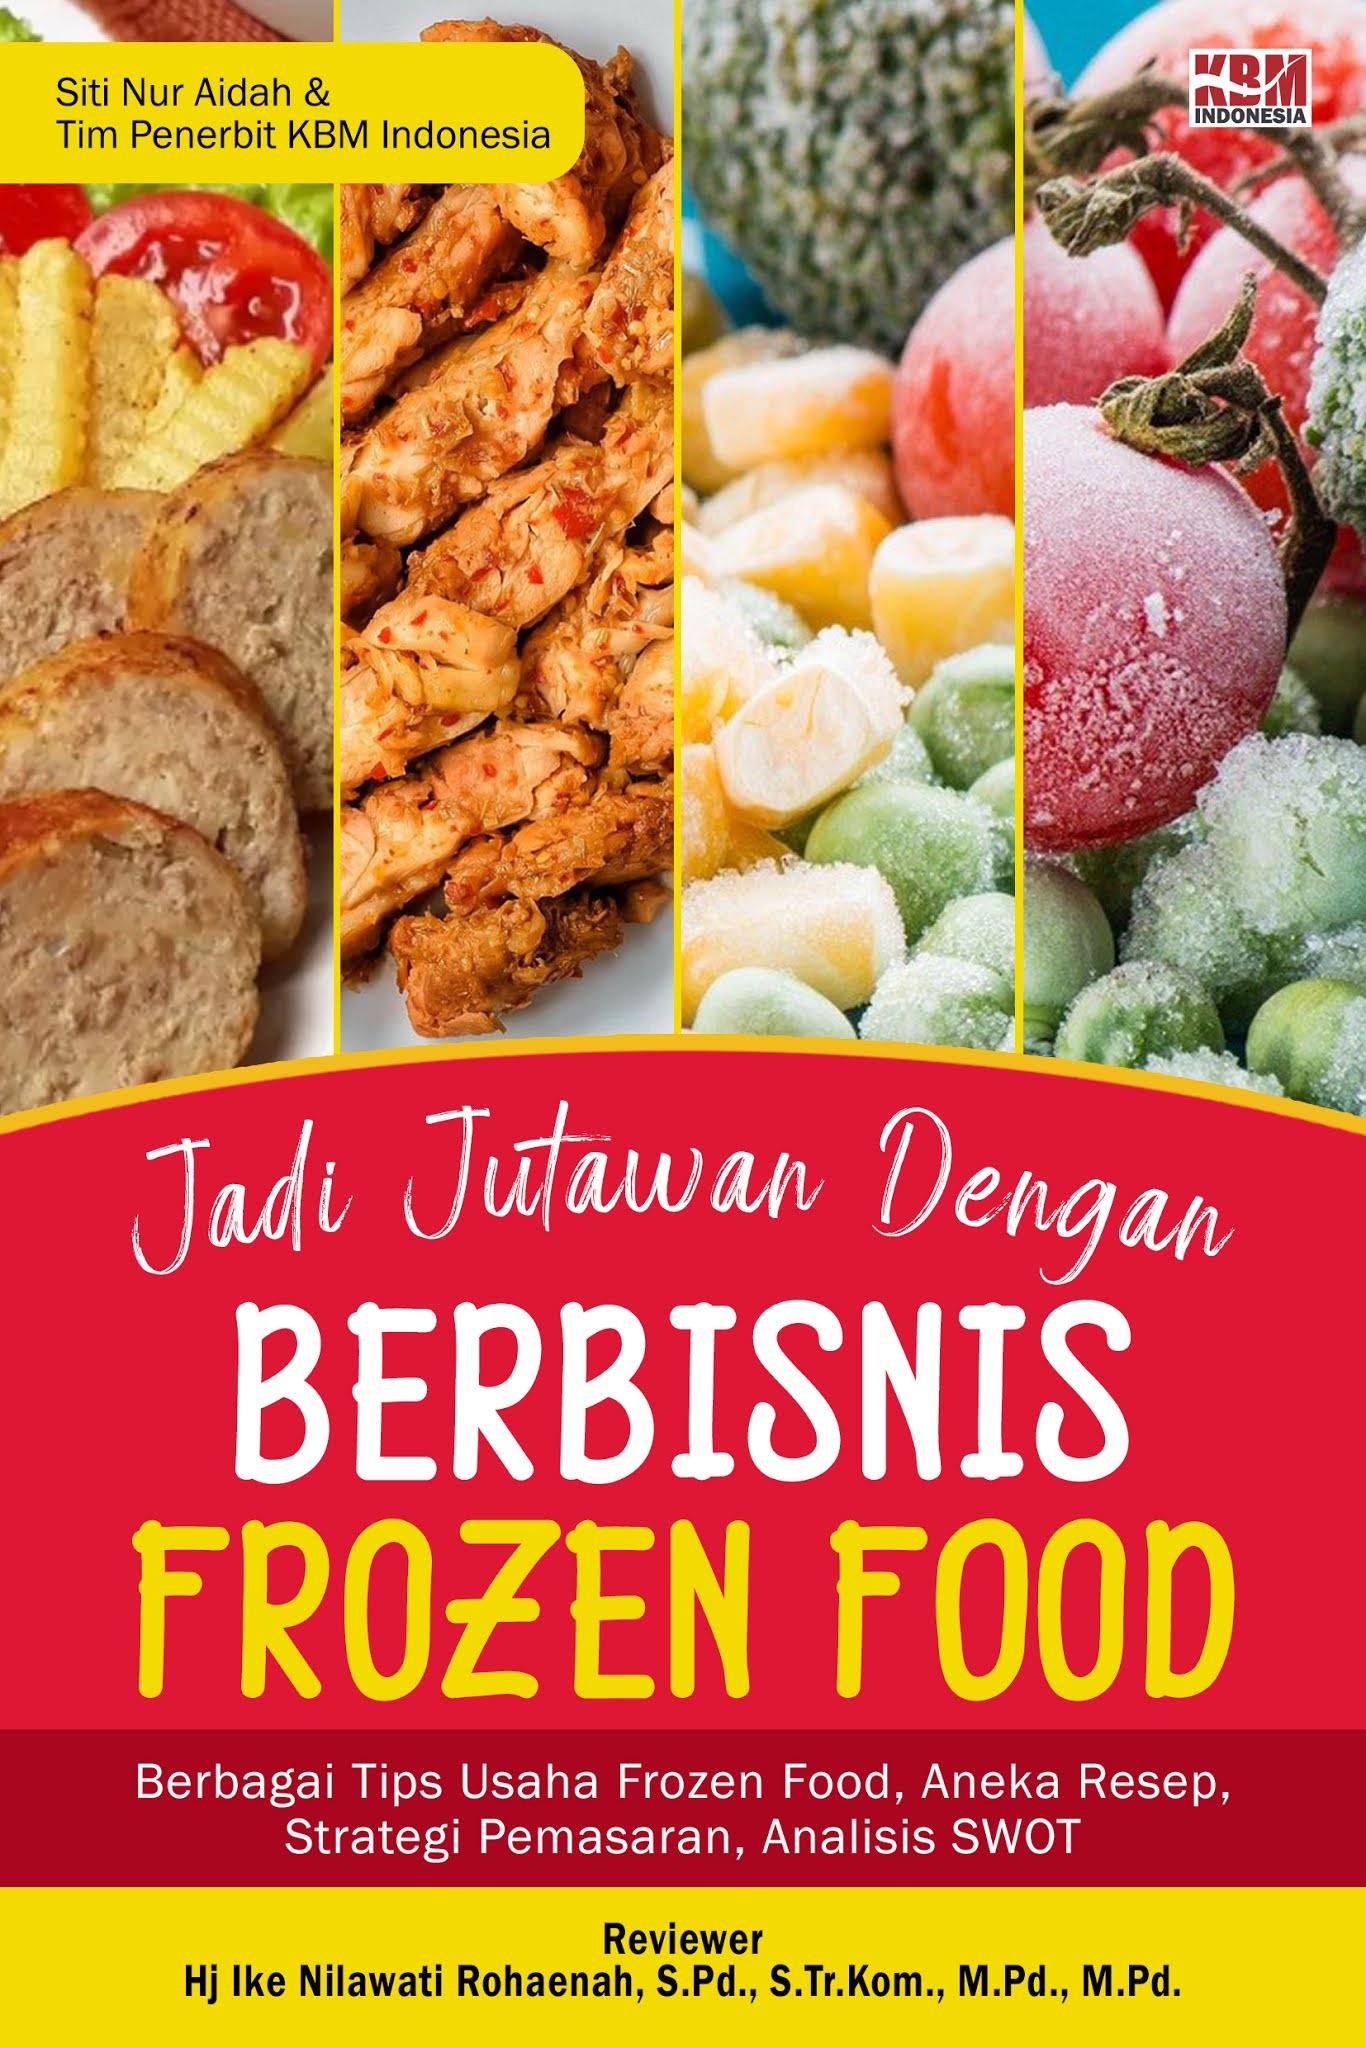 JADI JUTAWAN DENGAN BERBISNIS FROZEN FOOD